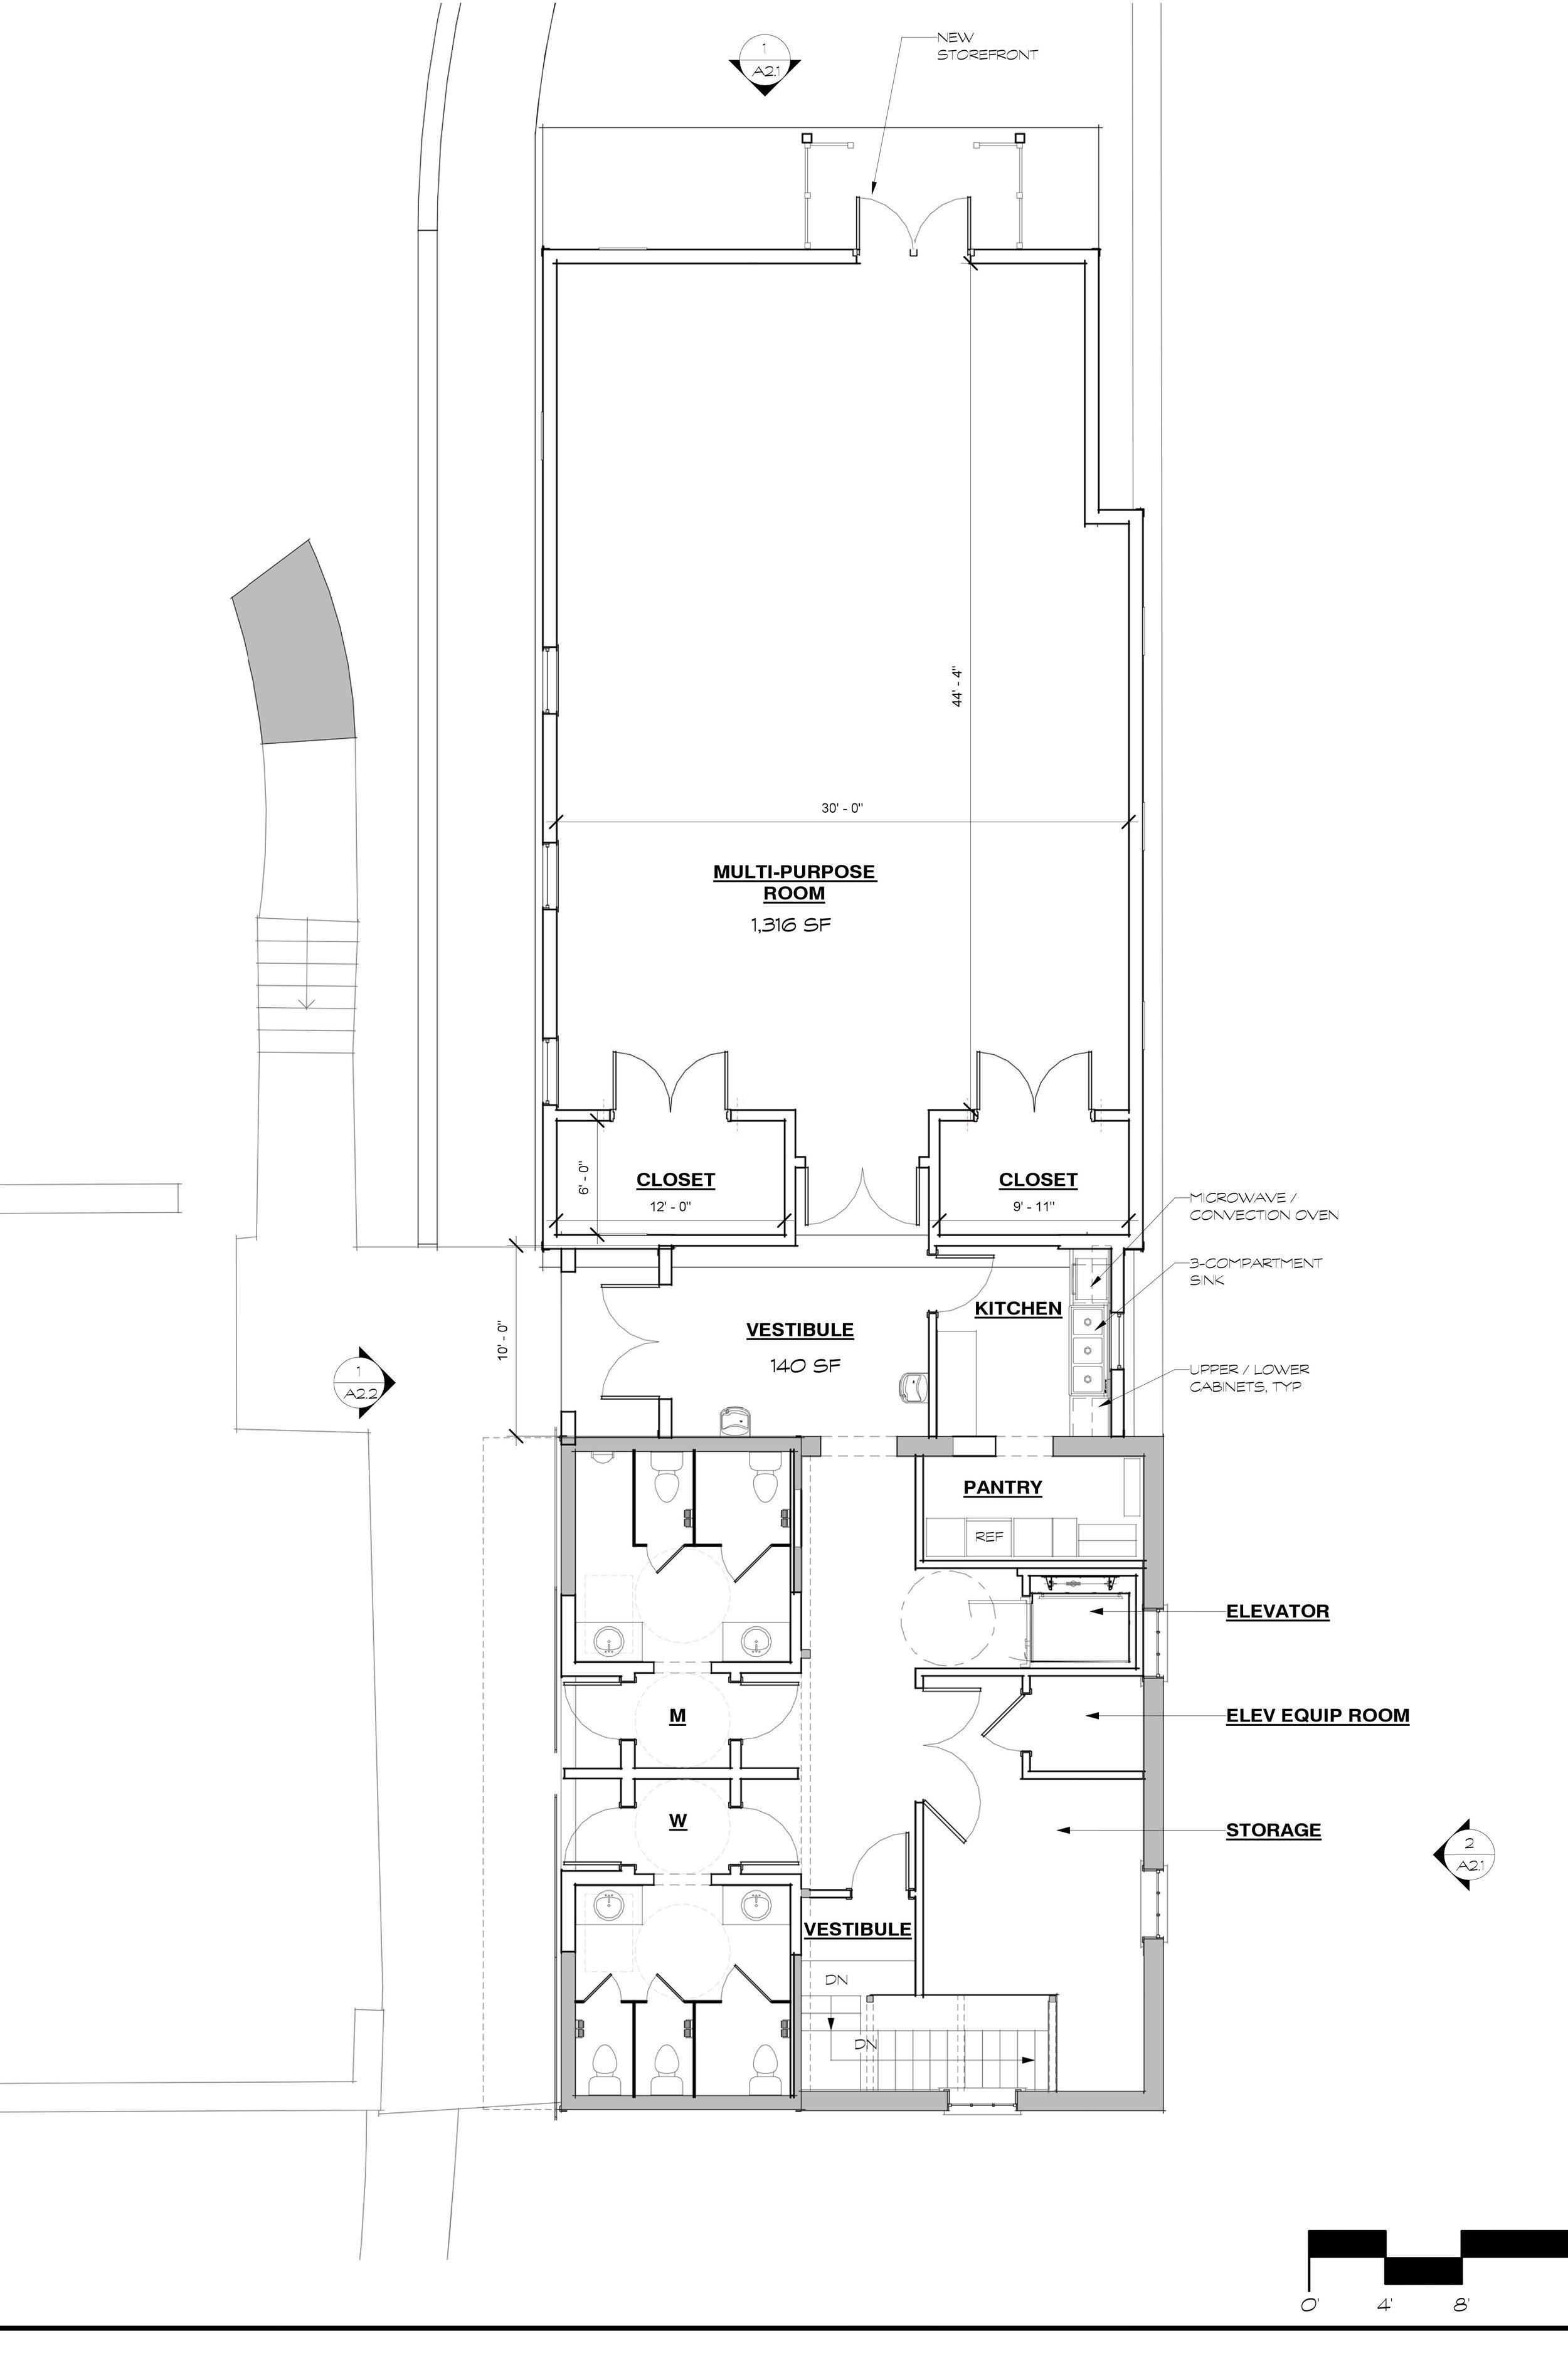 Floorplan 8-8-17 cropped.jpg